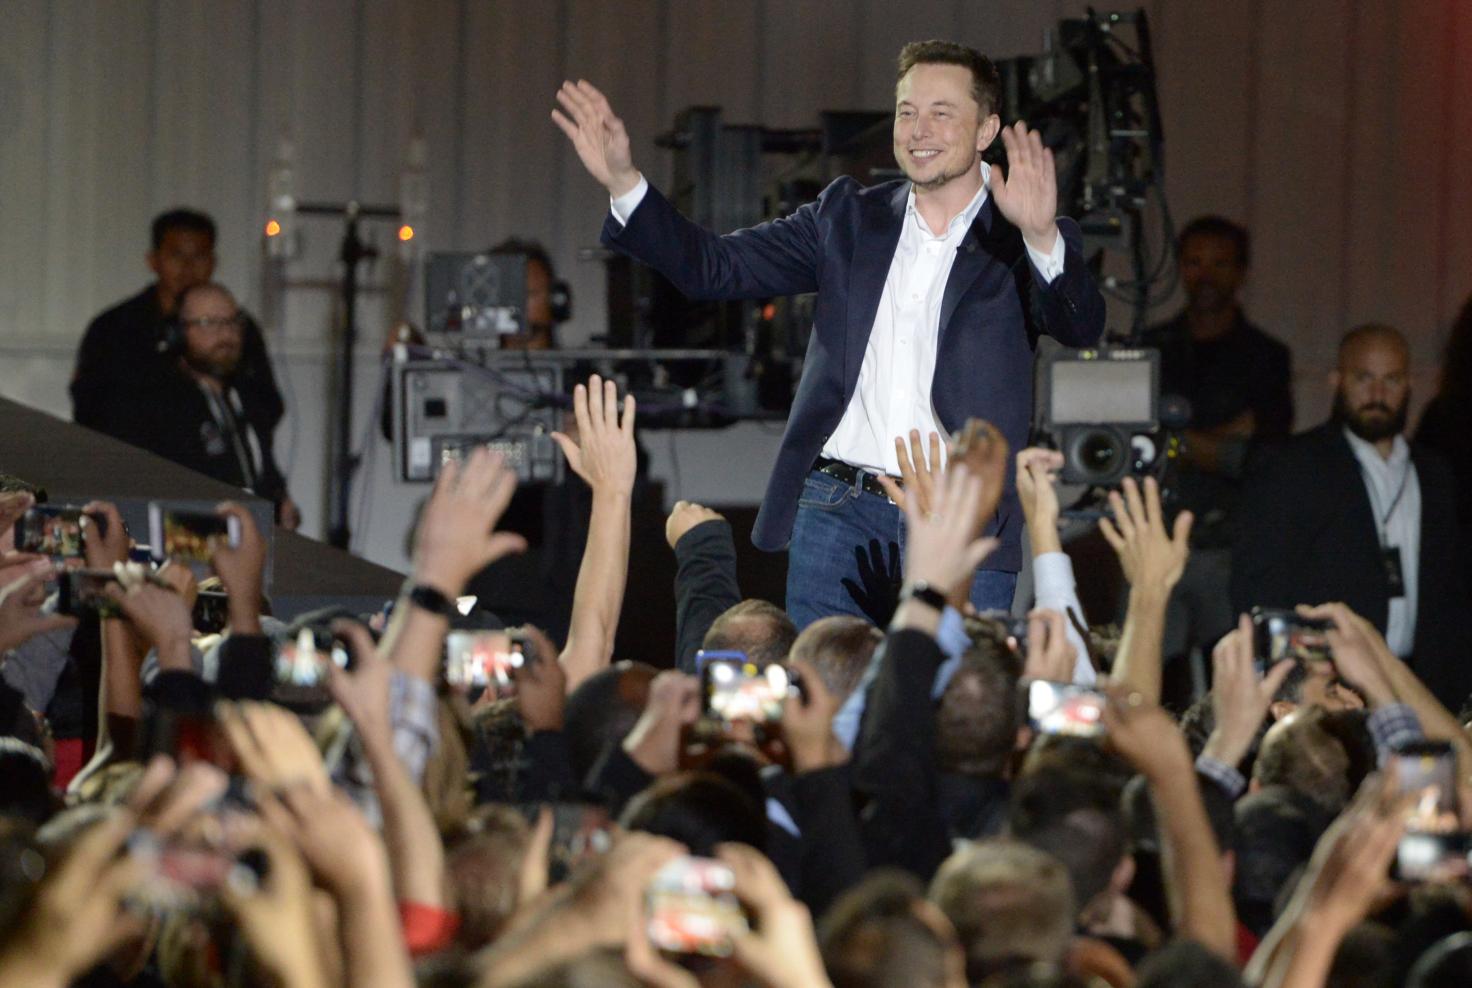 Elon Musk kevesebb mint fél év alatt vált ünnepelt üzletemberből idiótává